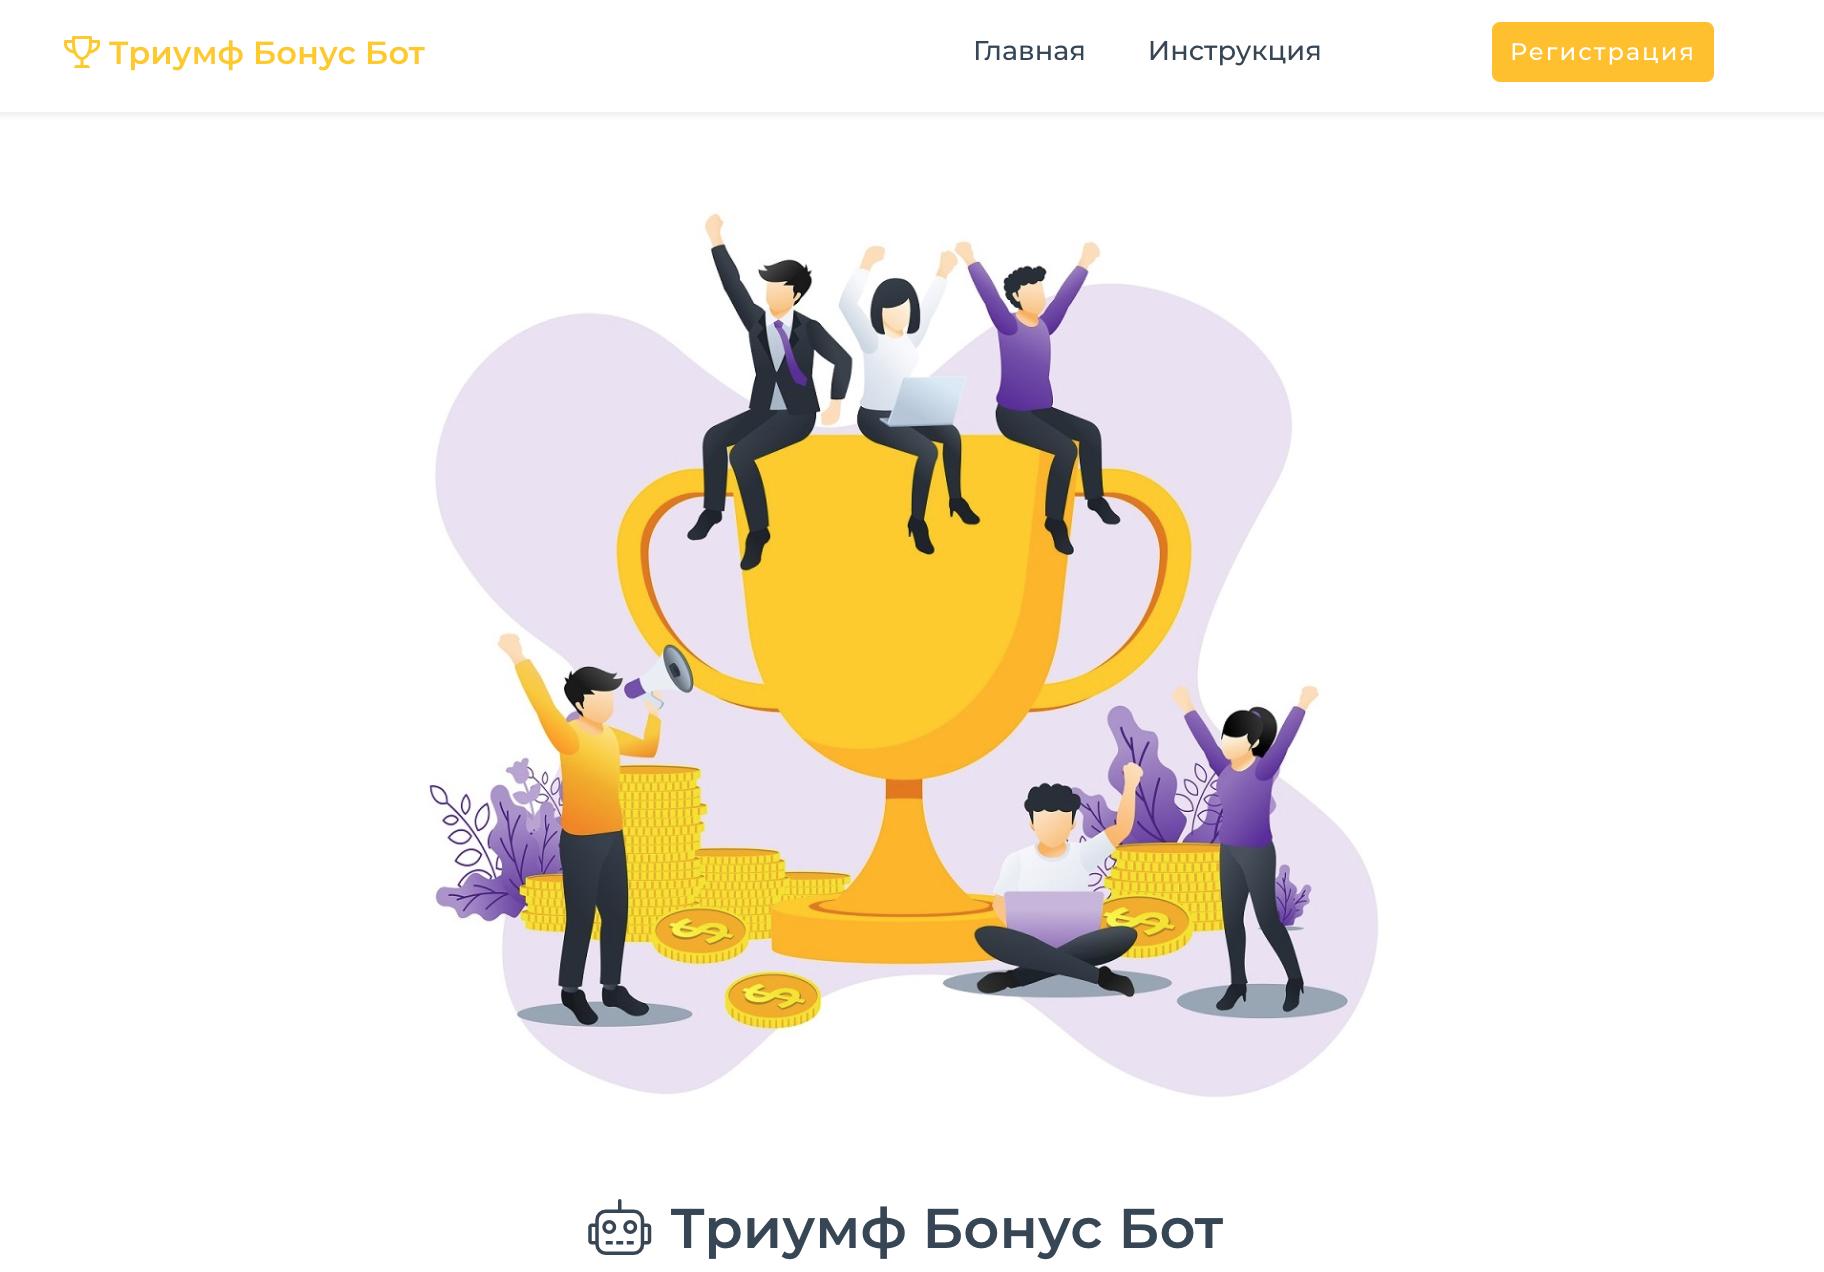 Главная страница сайта Триумф Бонус бота